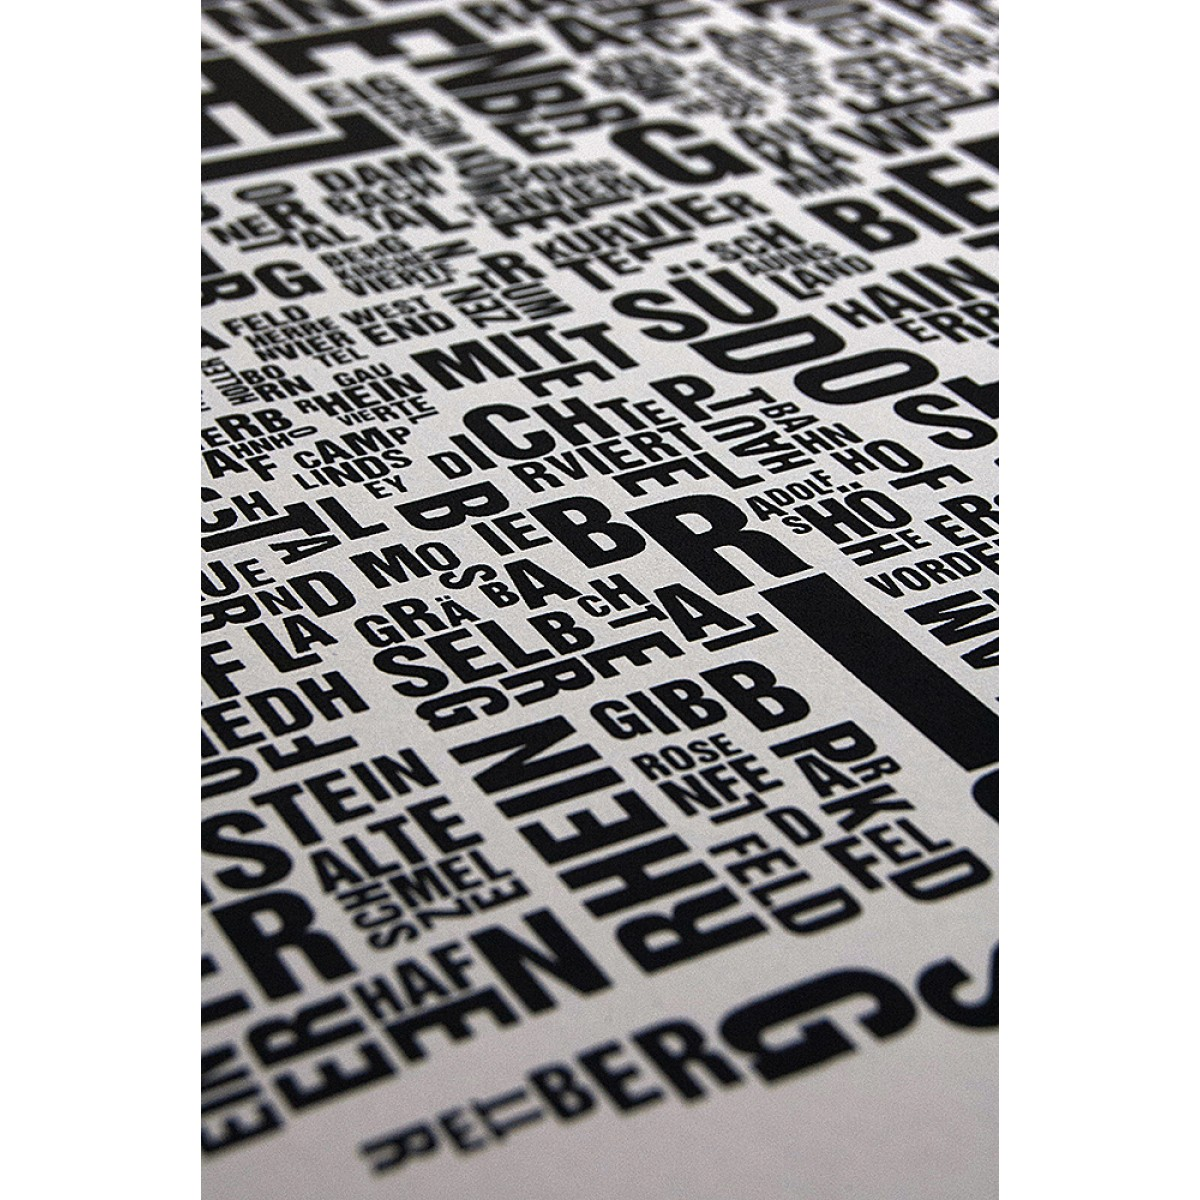 Buchstabenort Wiesbaden Stadtteile-Poster Typografie